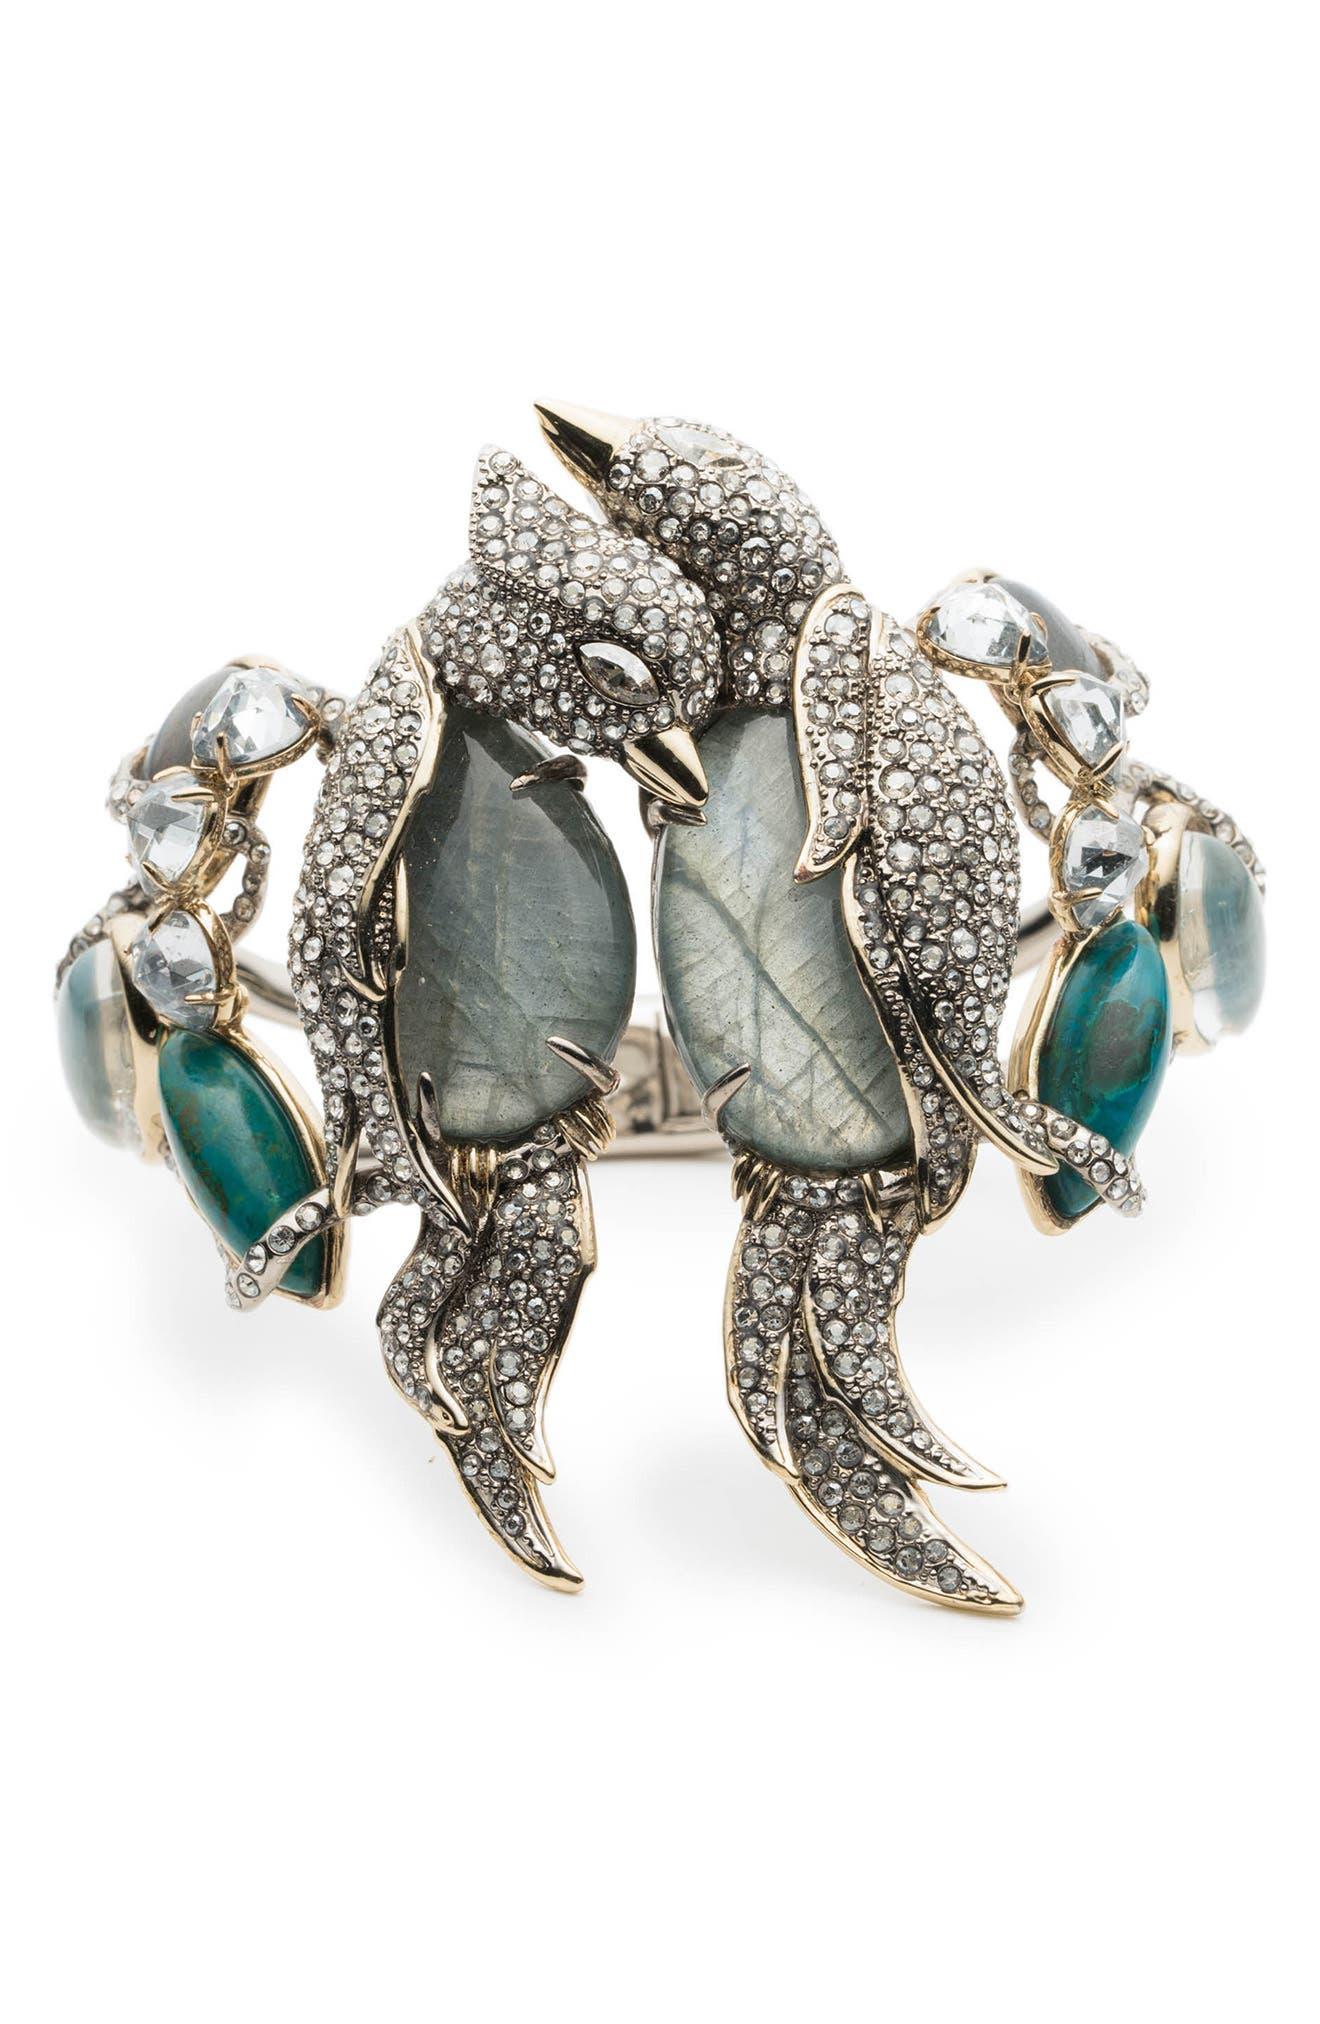 Lovebird Hinge Bracelet,                             Main thumbnail 1, color,                             710